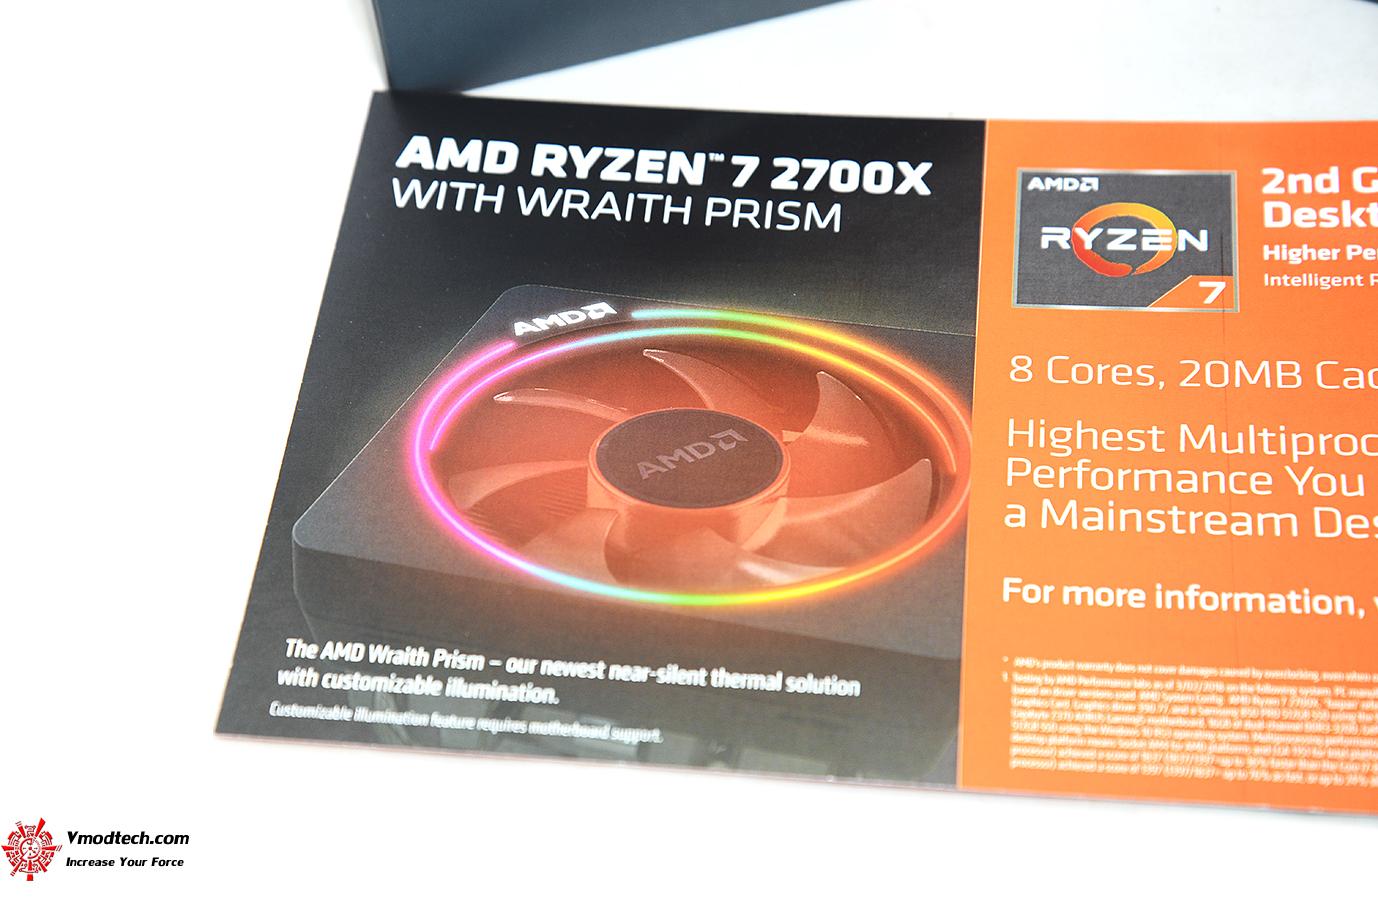 dsc 09491 AMD RYZEN 7 2700X PROCESSOR REVIEW